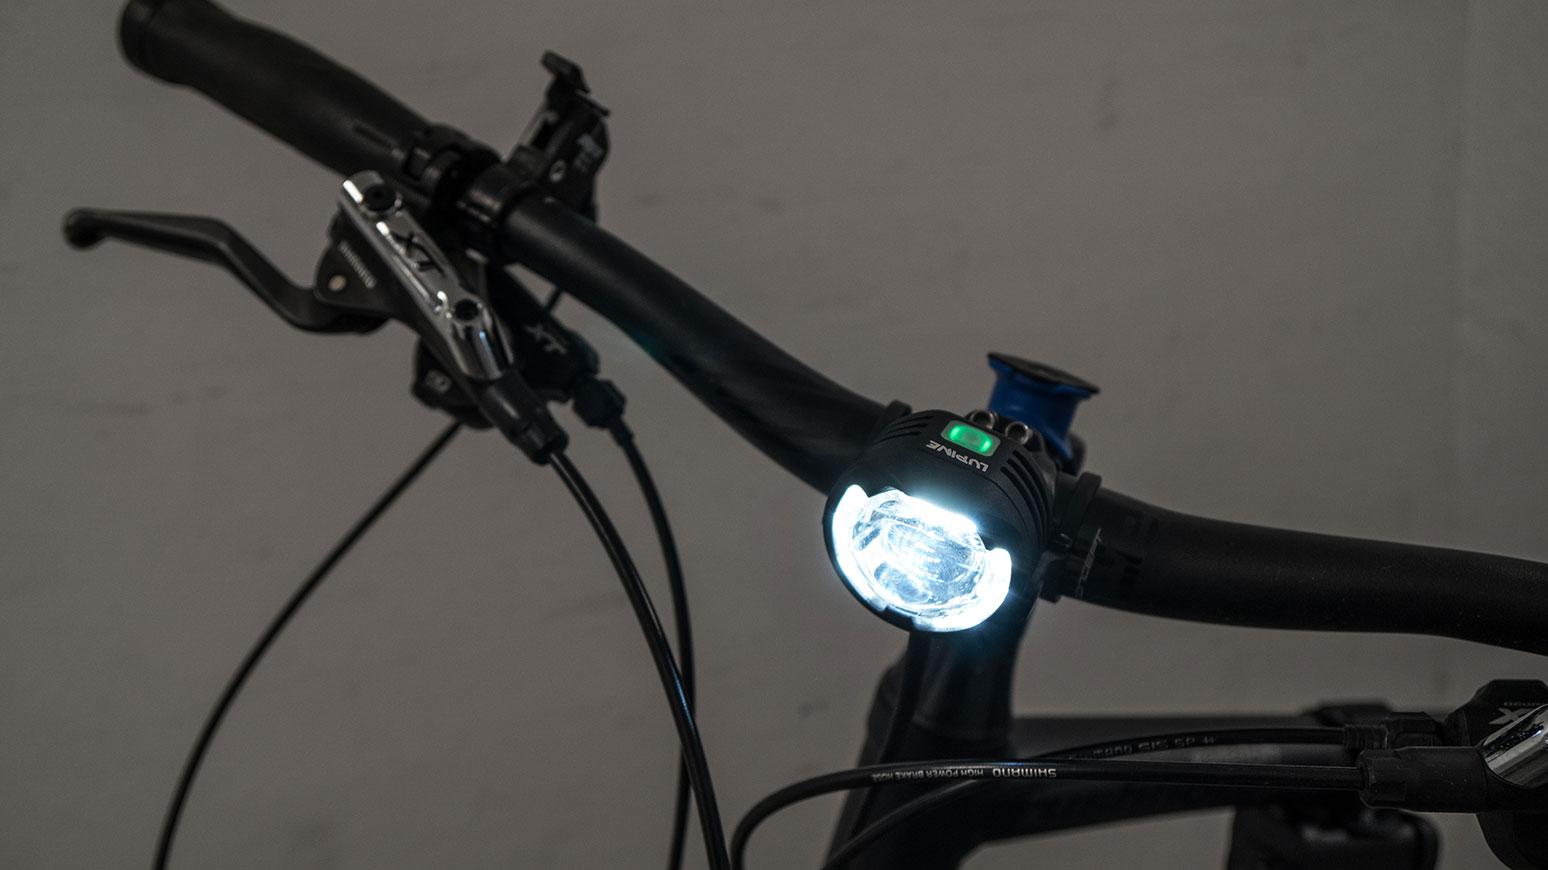 Tagsüber leuchtet die Lupine SL mit reduziertem Tagfahrlicht (oben: grüne LED). Bei einbrechender Dunkelheit wechselt sie via Lichtsensor auf Nachtlicht (oben: Blau)